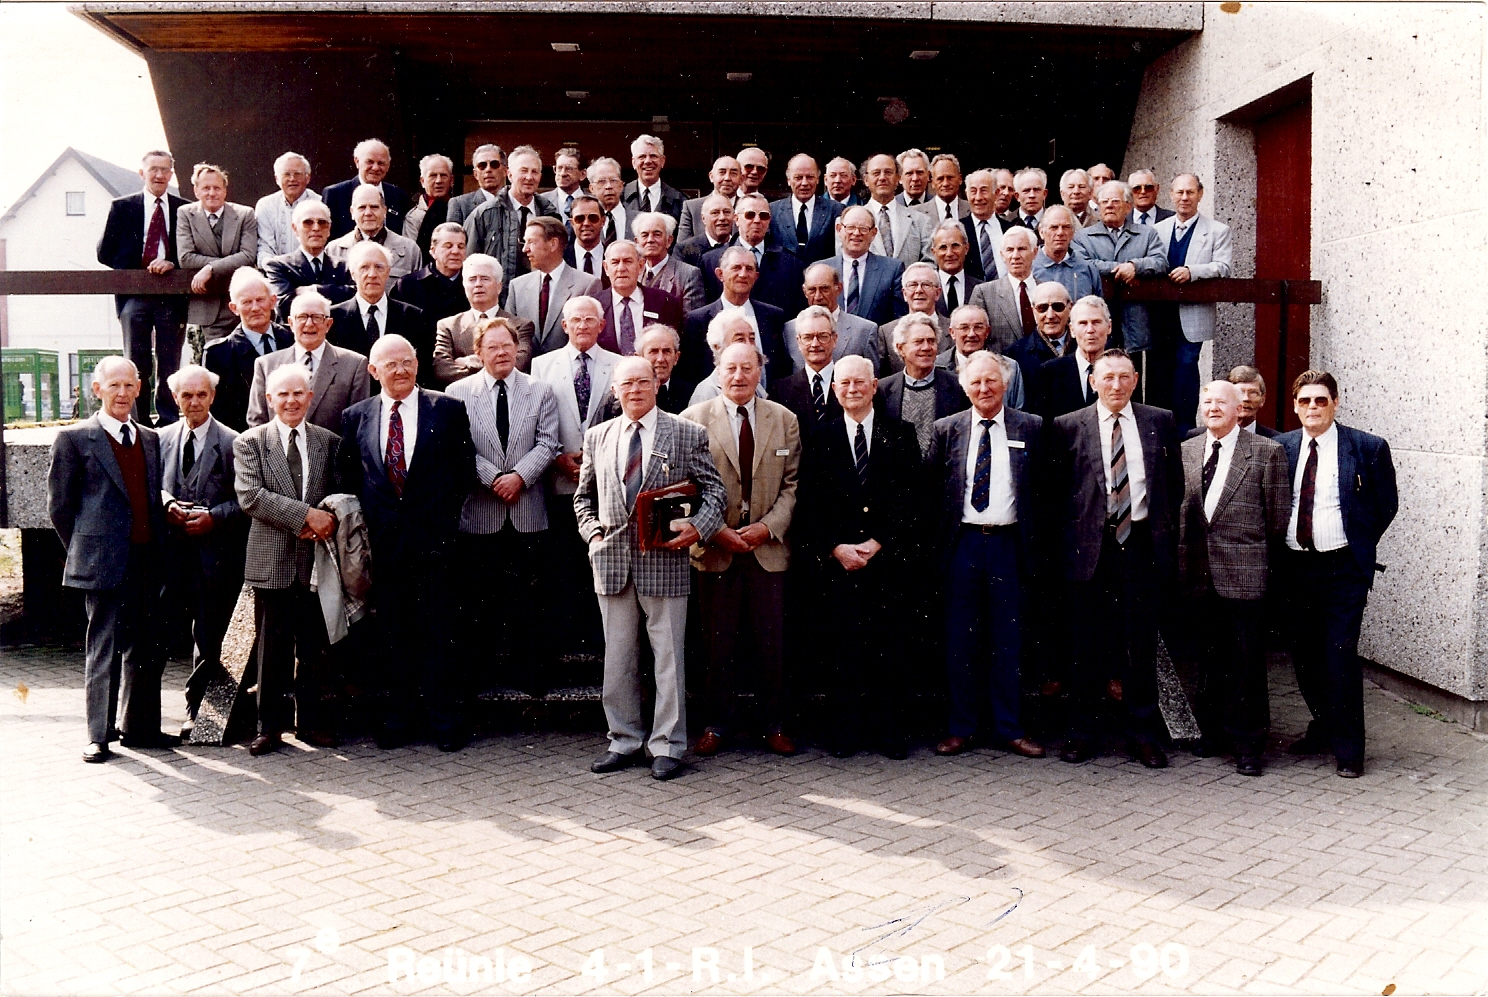 Genomen tijdens de reunie in 1990 te Assen